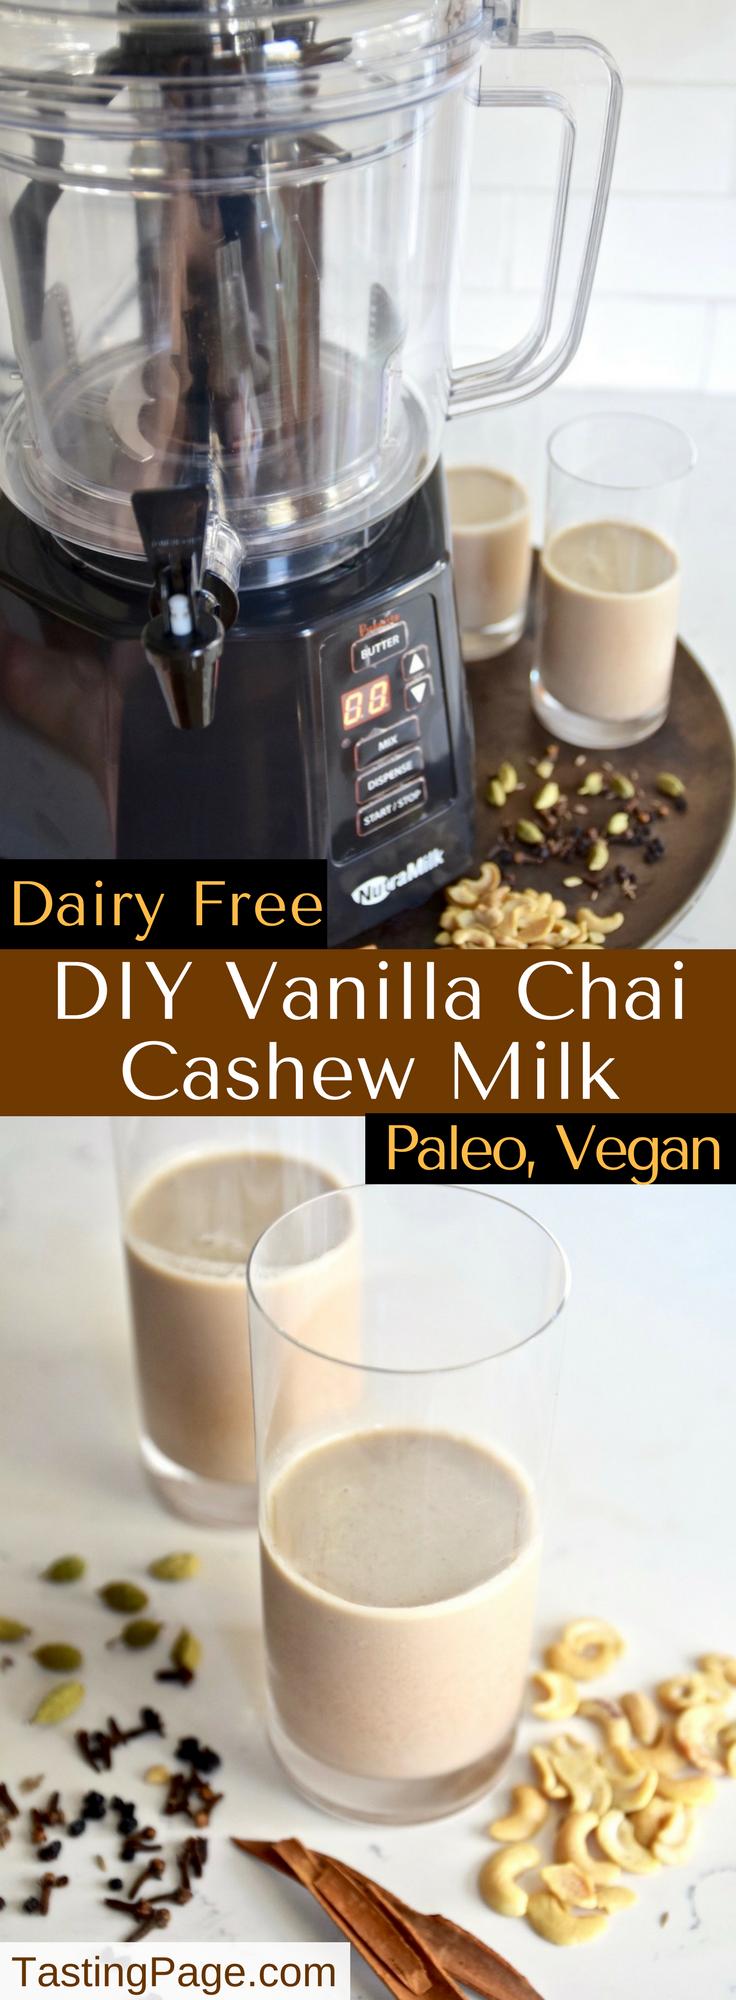 Dairy Free Chai Vanilla Cashew Milk Paleo Vegan.png